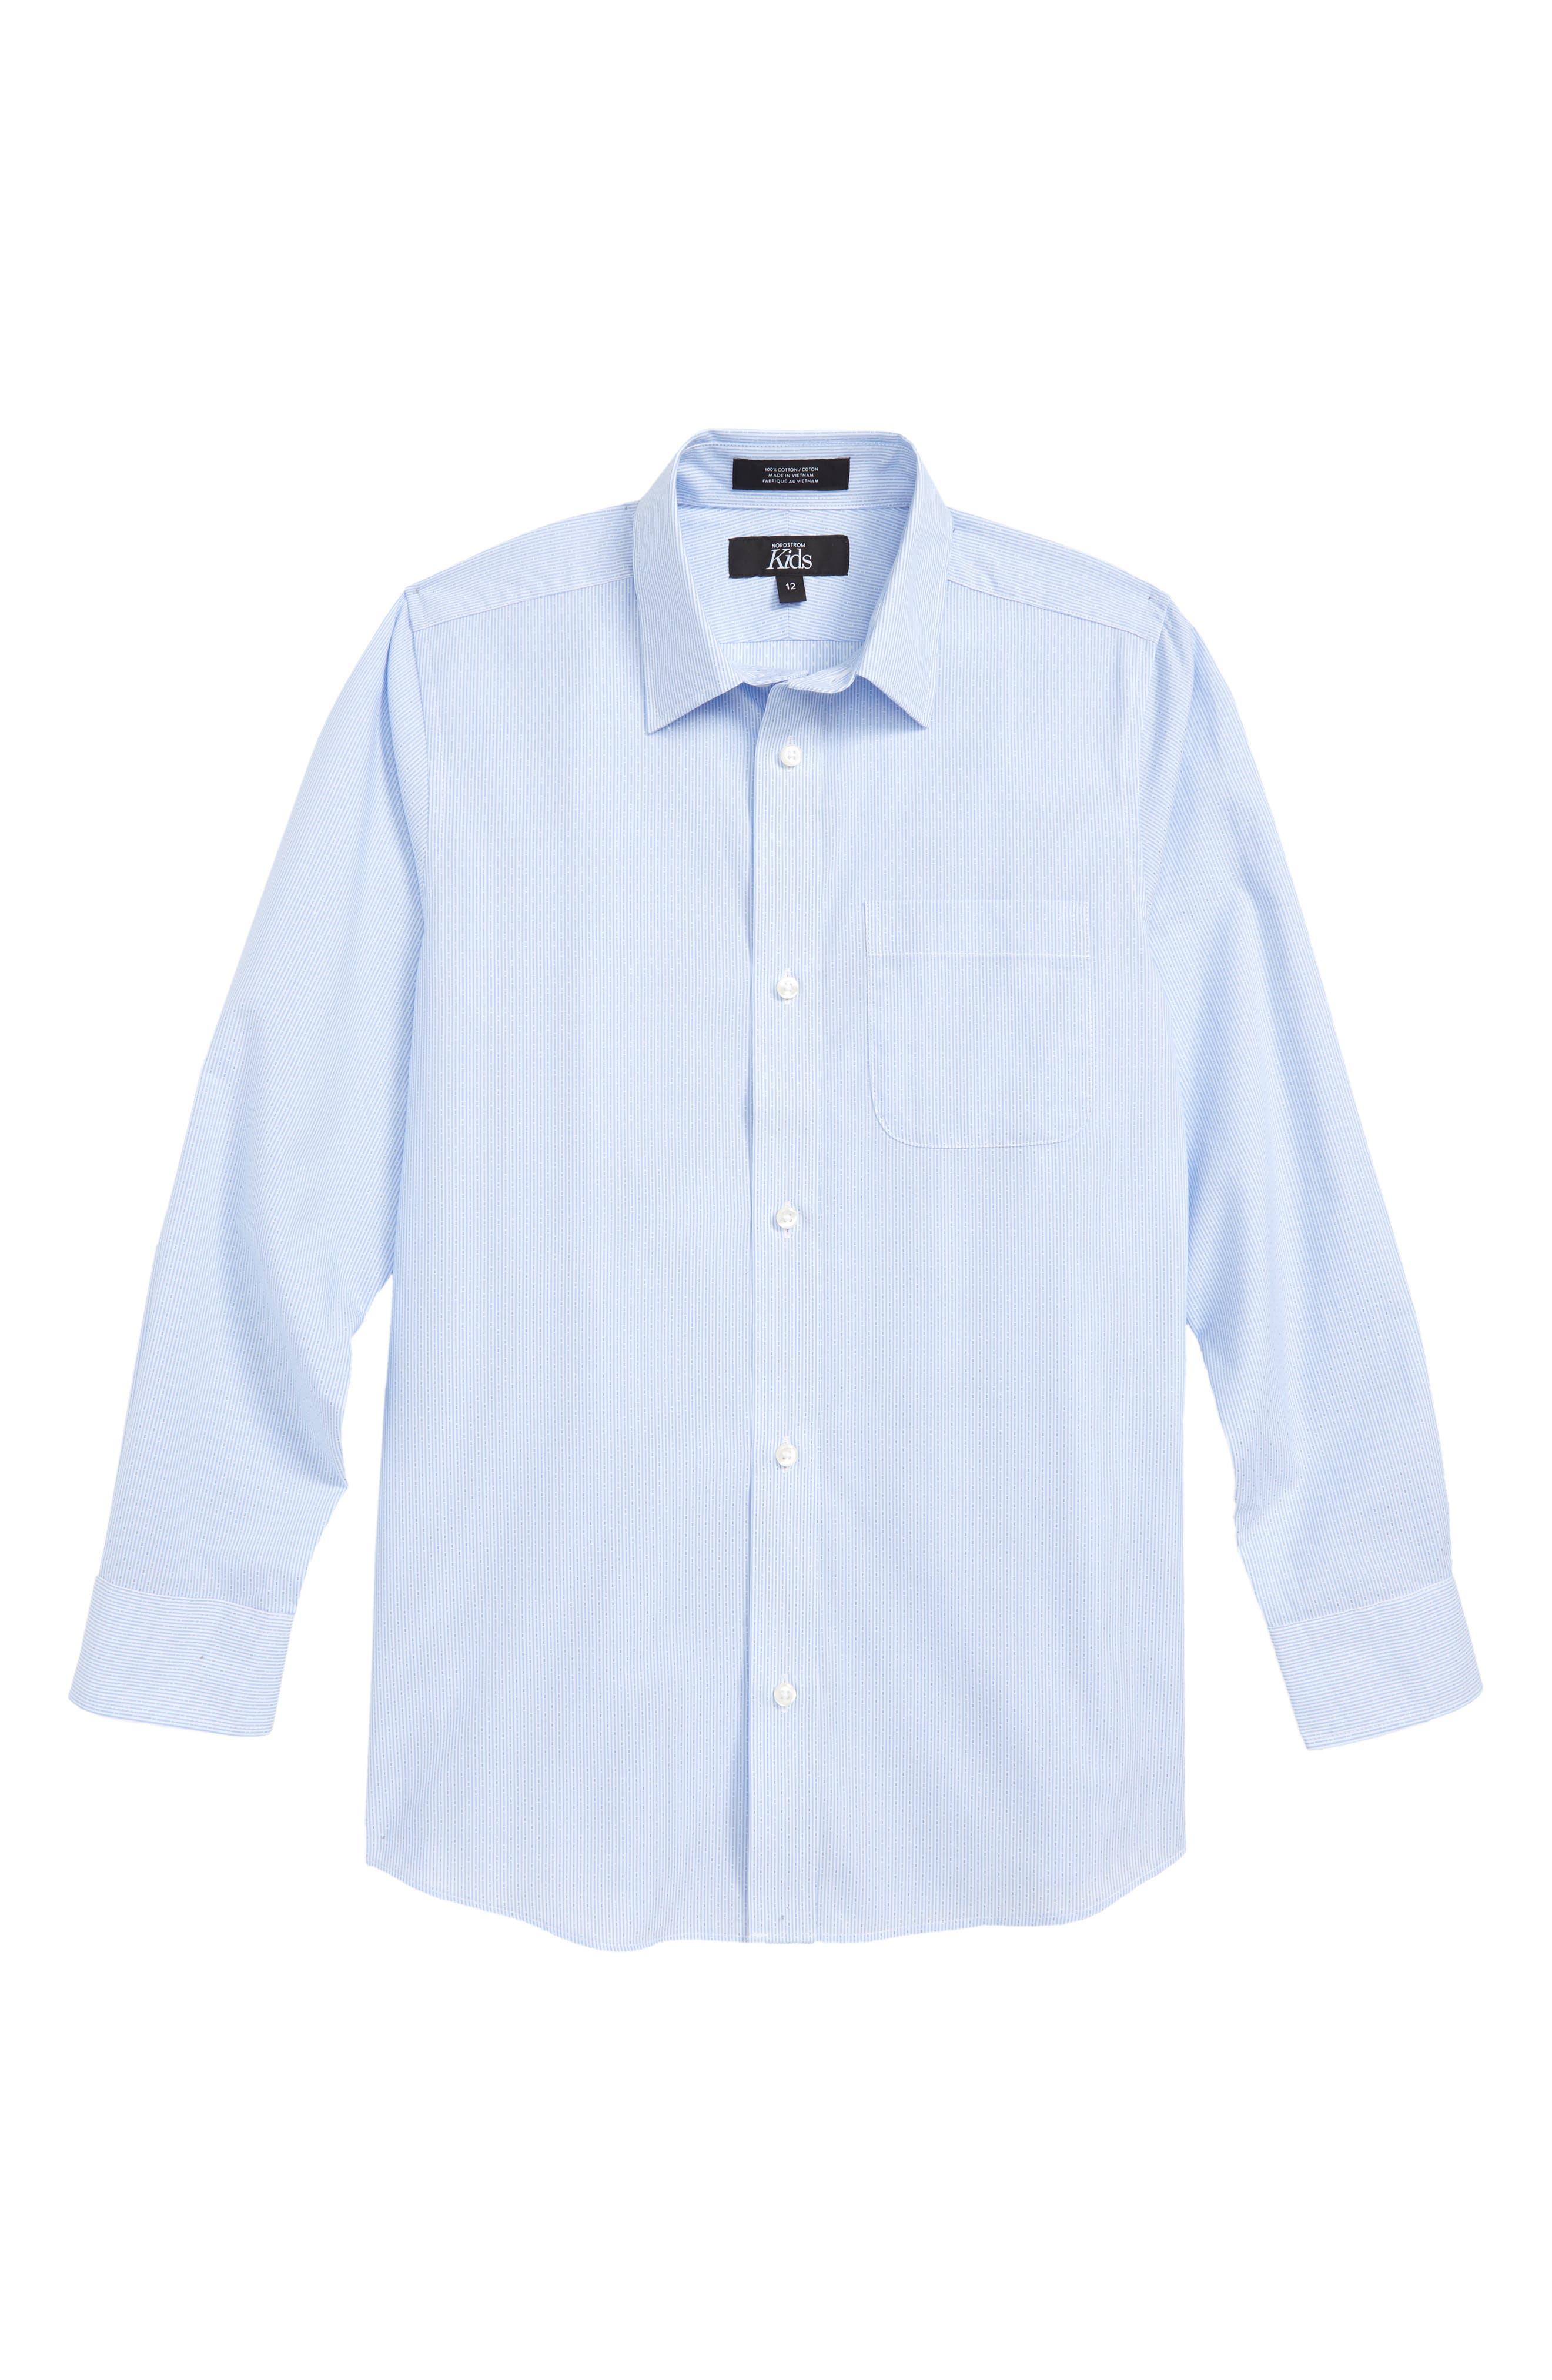 Robbia Dobby Dress Shirt,                             Main thumbnail 1, color,                             Blue Robbia- White Dobby